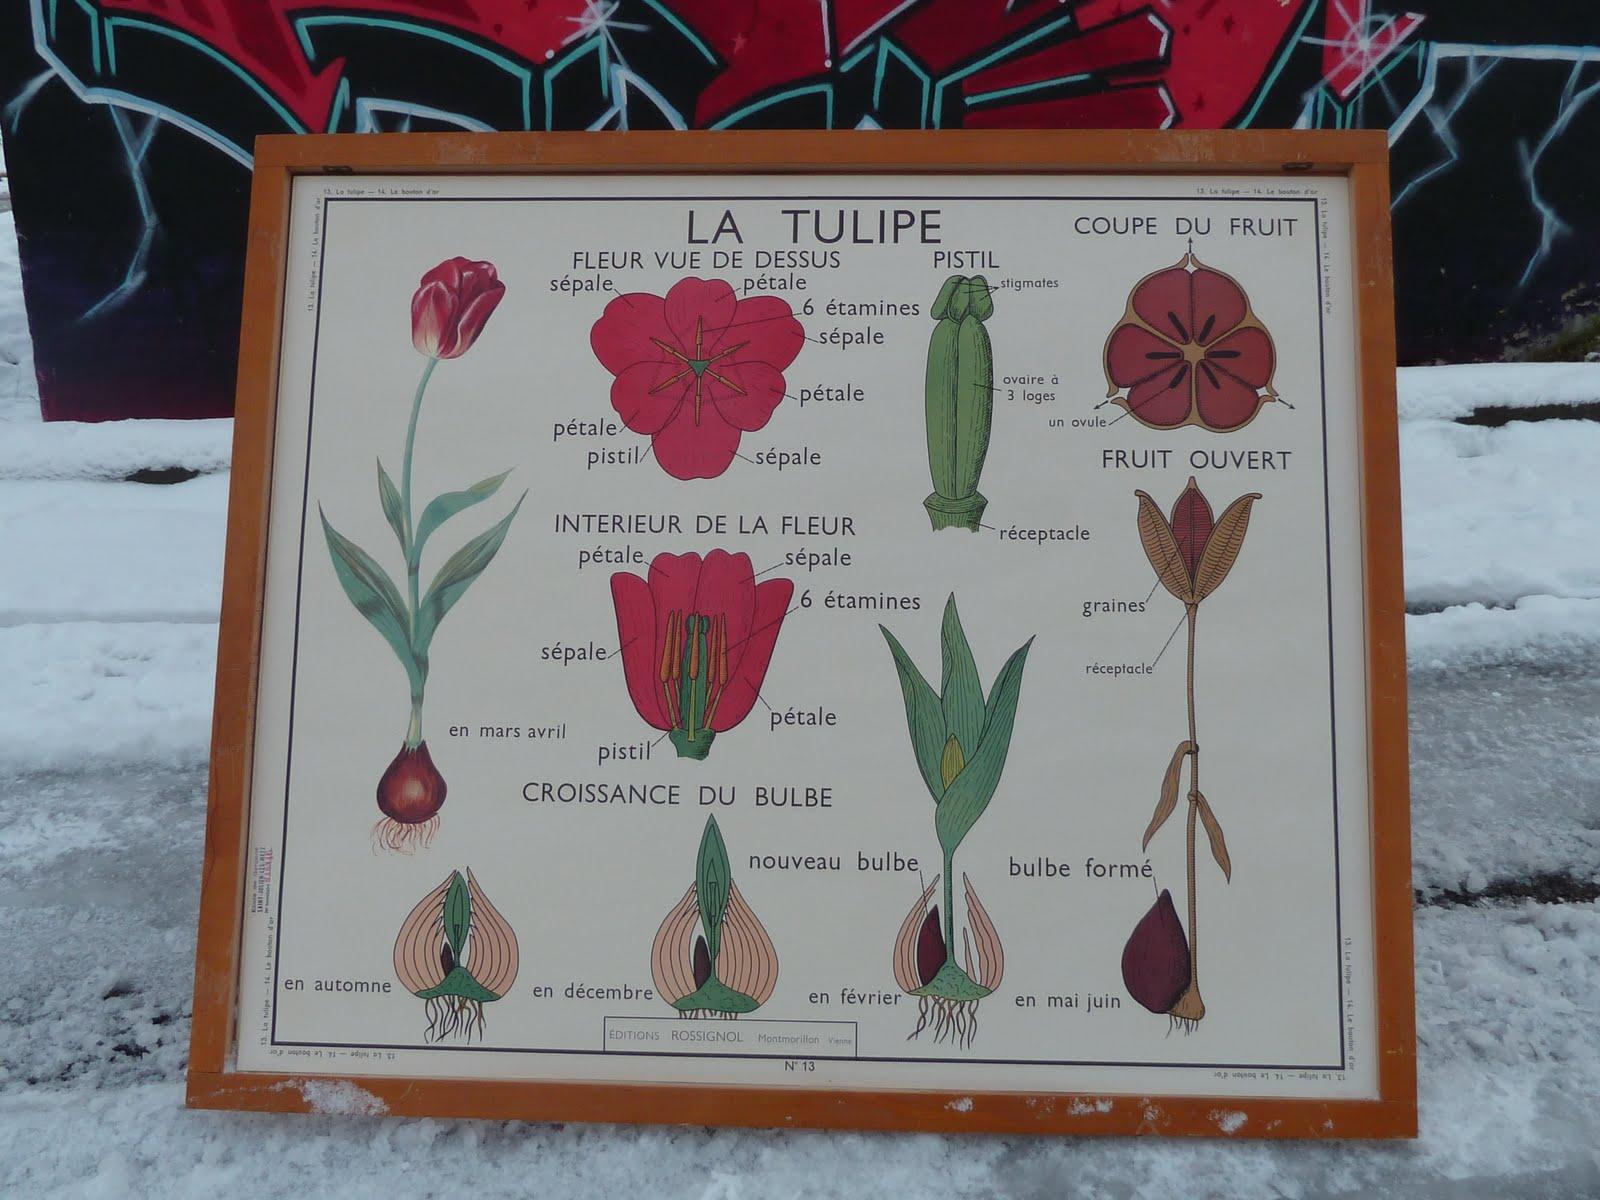 Ecole fmr 1000 affiches scolaires les plantes rossignol anciennes affiches - Vieille carte scolaire ...